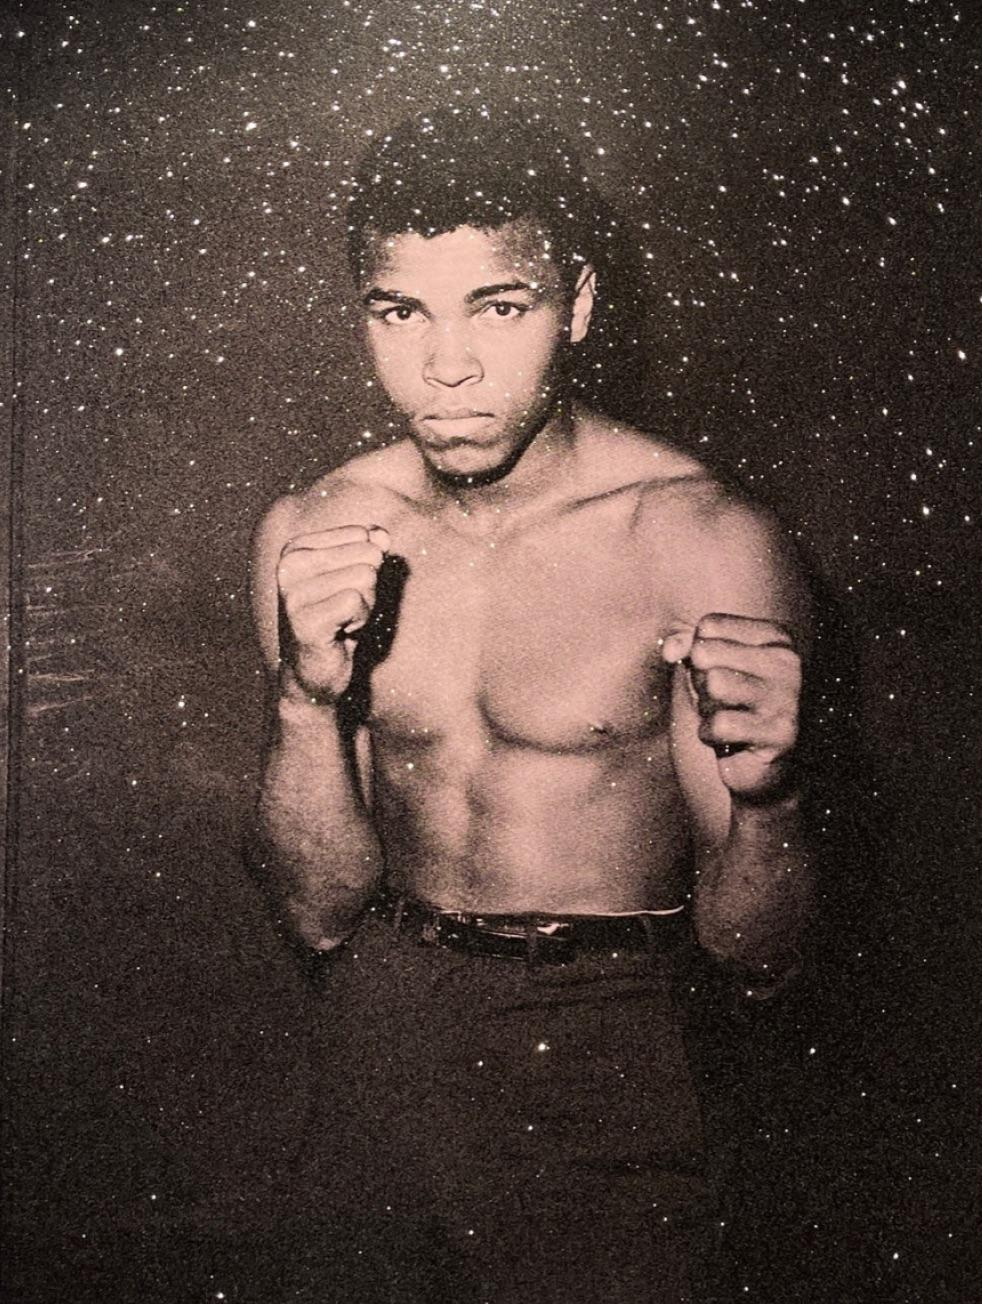 Ali, Screaming Smoketown Pink